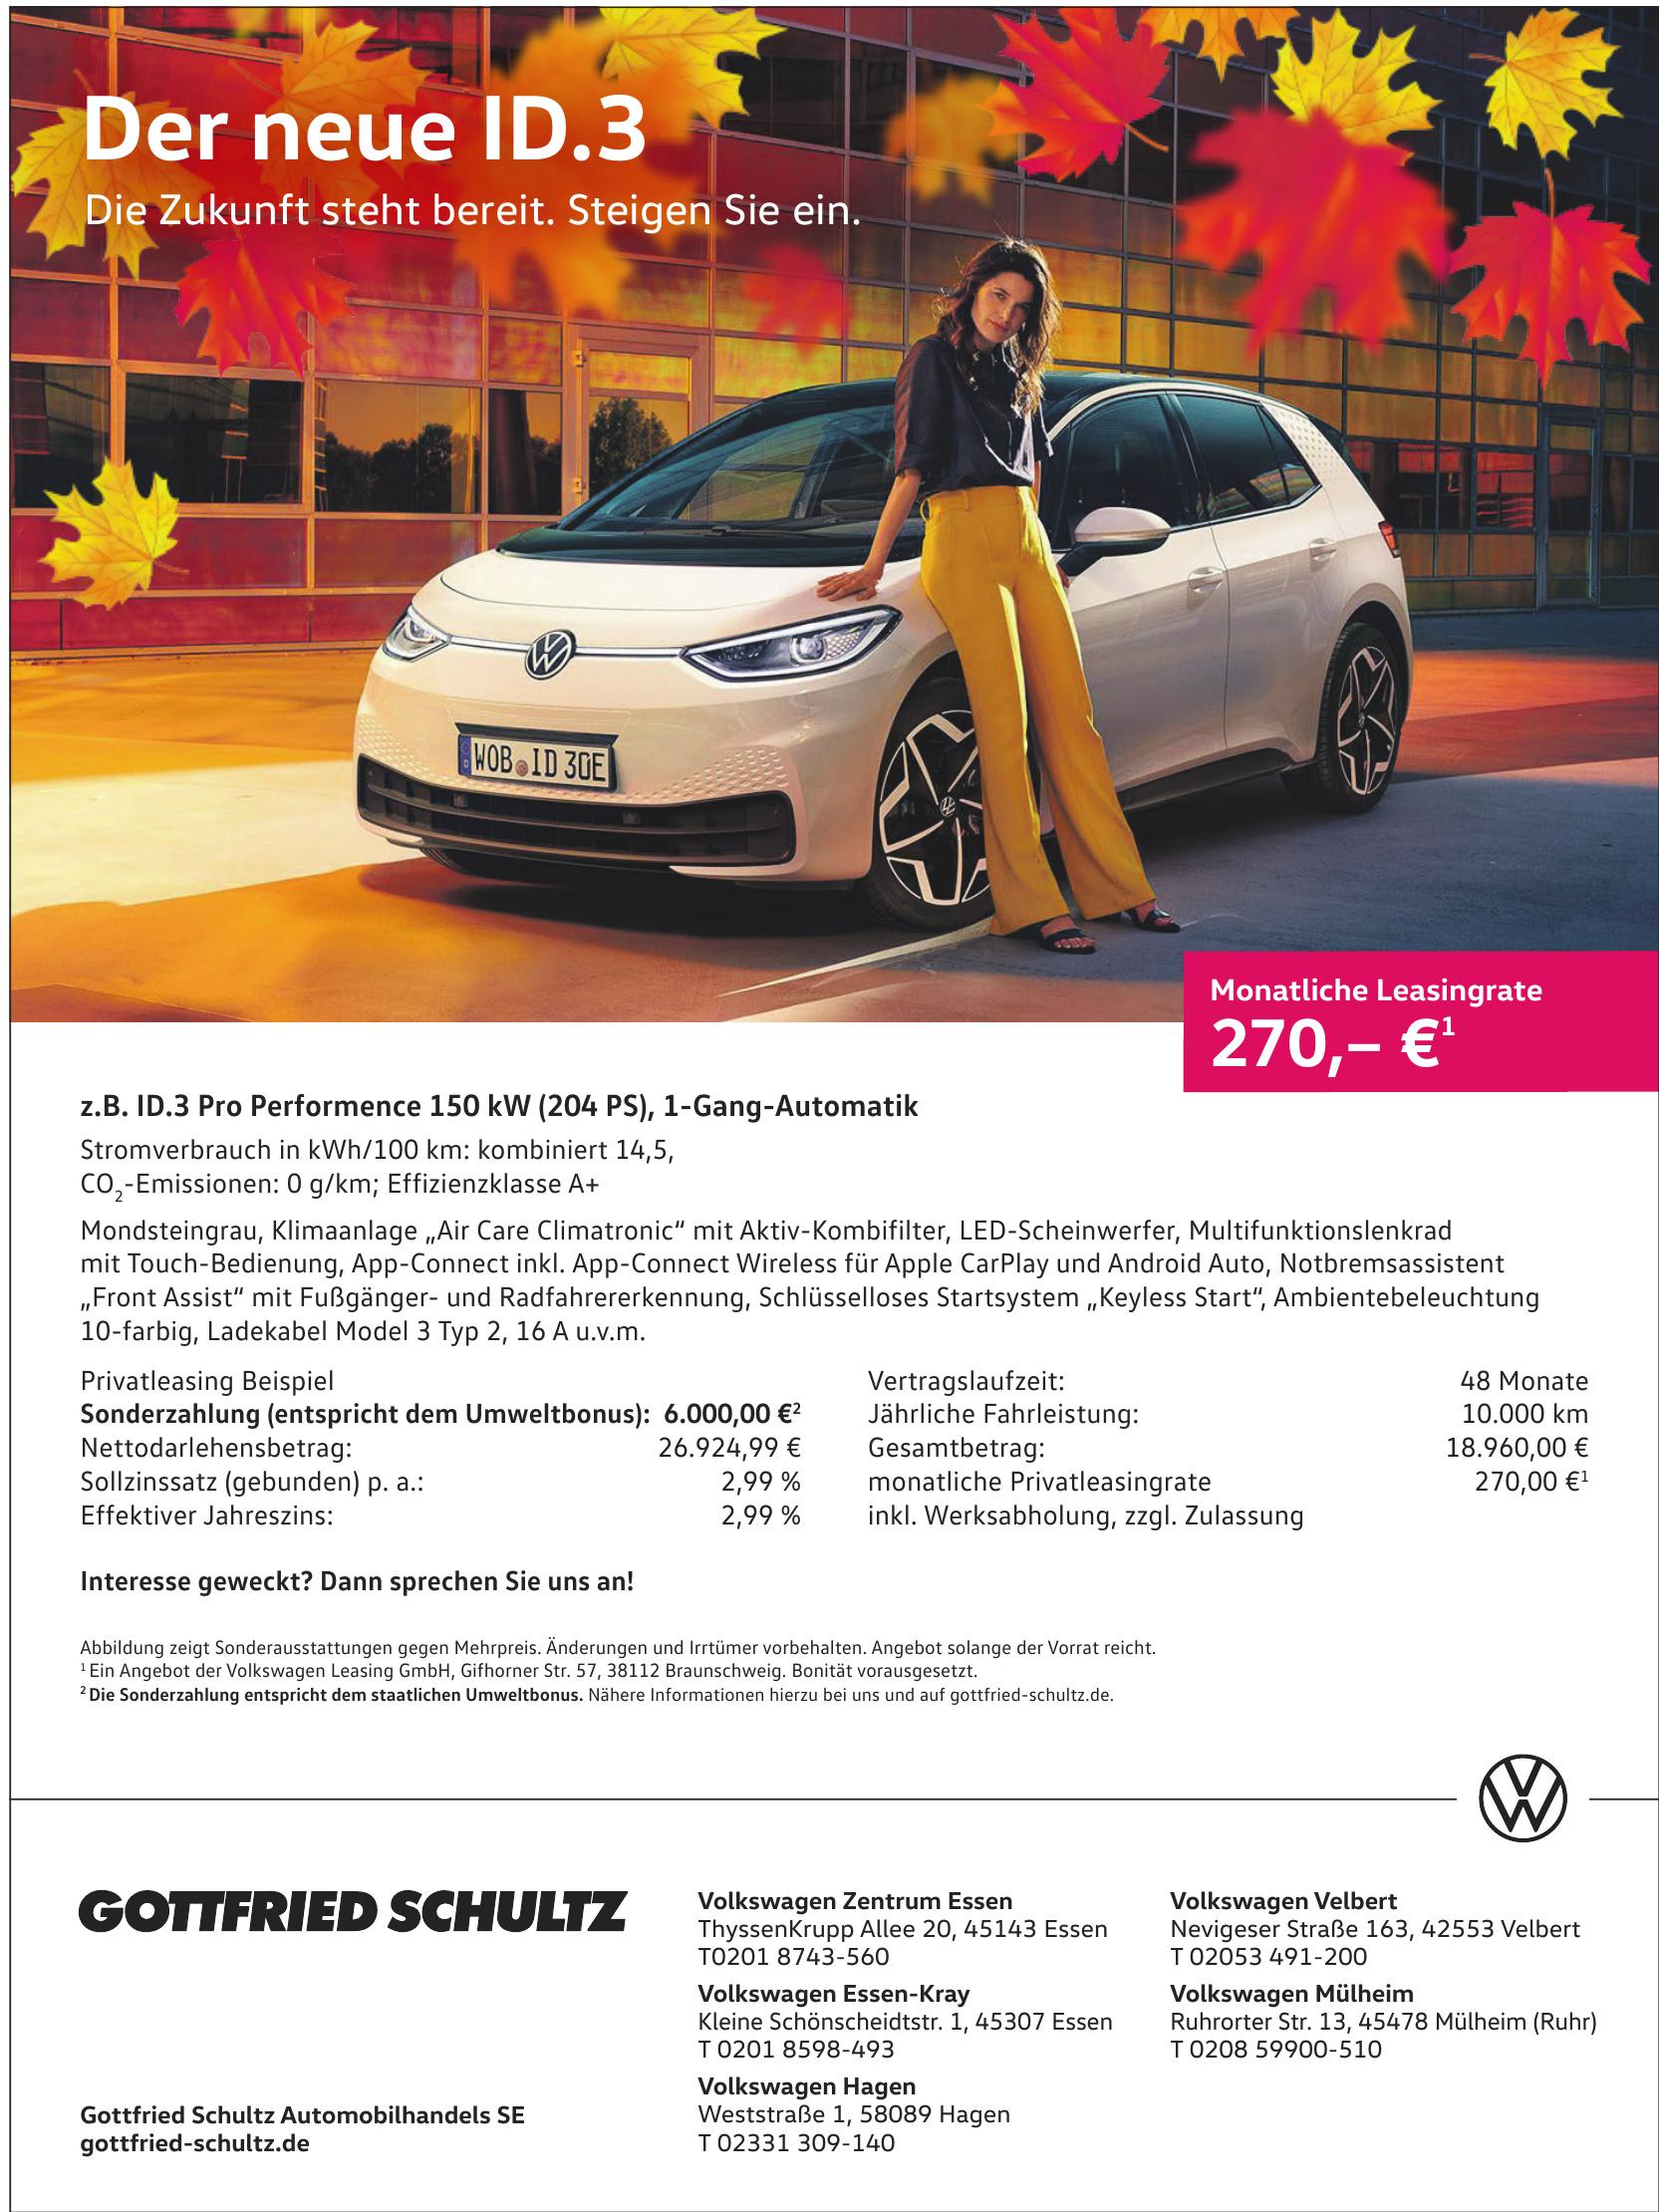 Gottfried Schultz Automobilhandels SE - Volkswagen Zentrum Essen